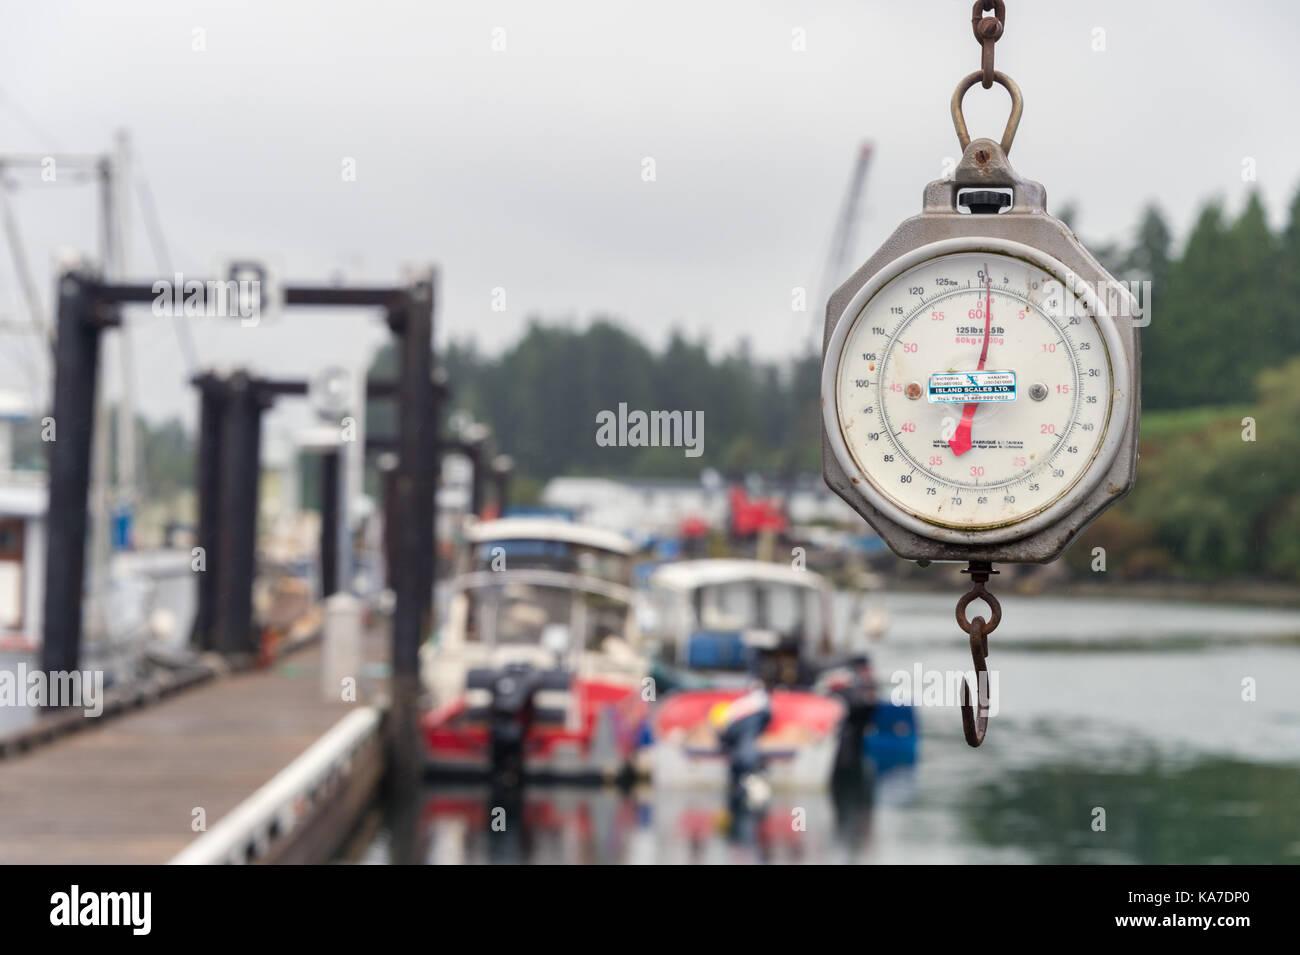 Tofino, British Columbia, Canada - 9 September 2017: Fishing Hanging Weight Scale at Tofino Fisherman's wharf - Stock Image